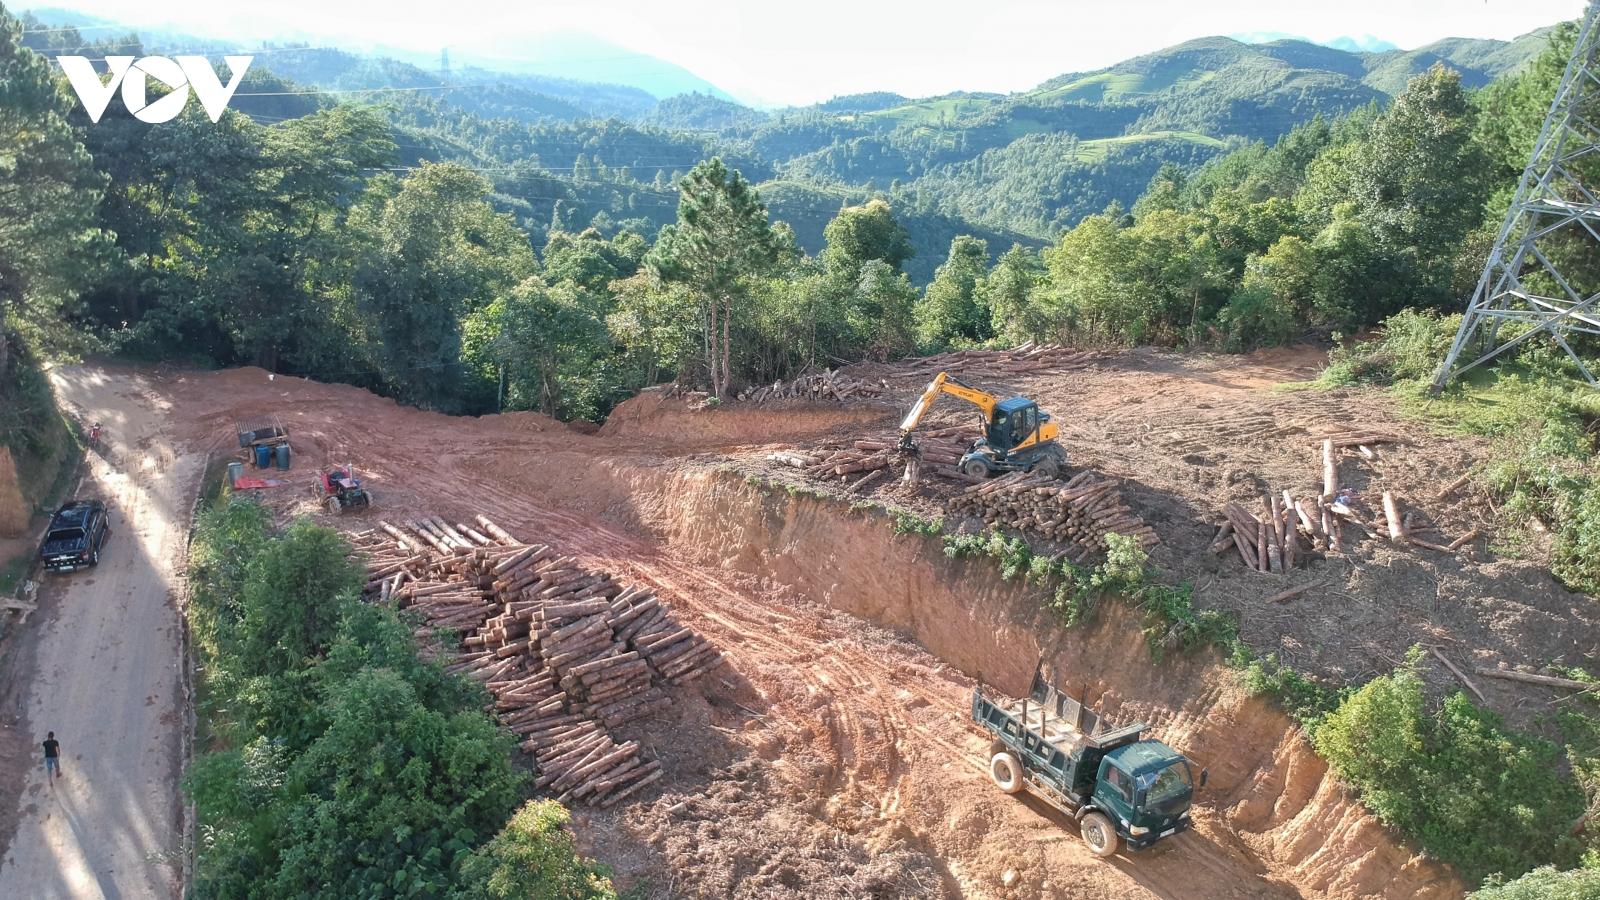 Phá rừng thông trên đỉnh Pha Đin: Liệu có sự tiếp tay, thỏa hiệp ngầm củacơ quan quản lý?